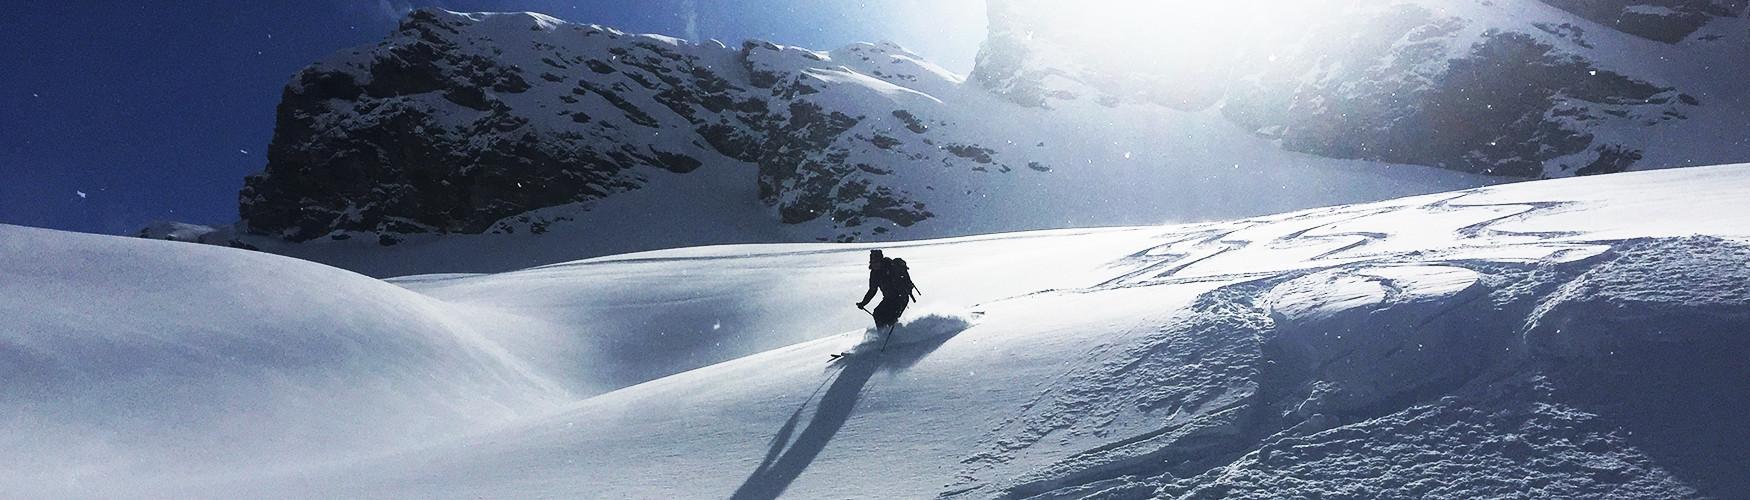 Skitouren Tauern, Skitouren Ammerer Hof, Österreich